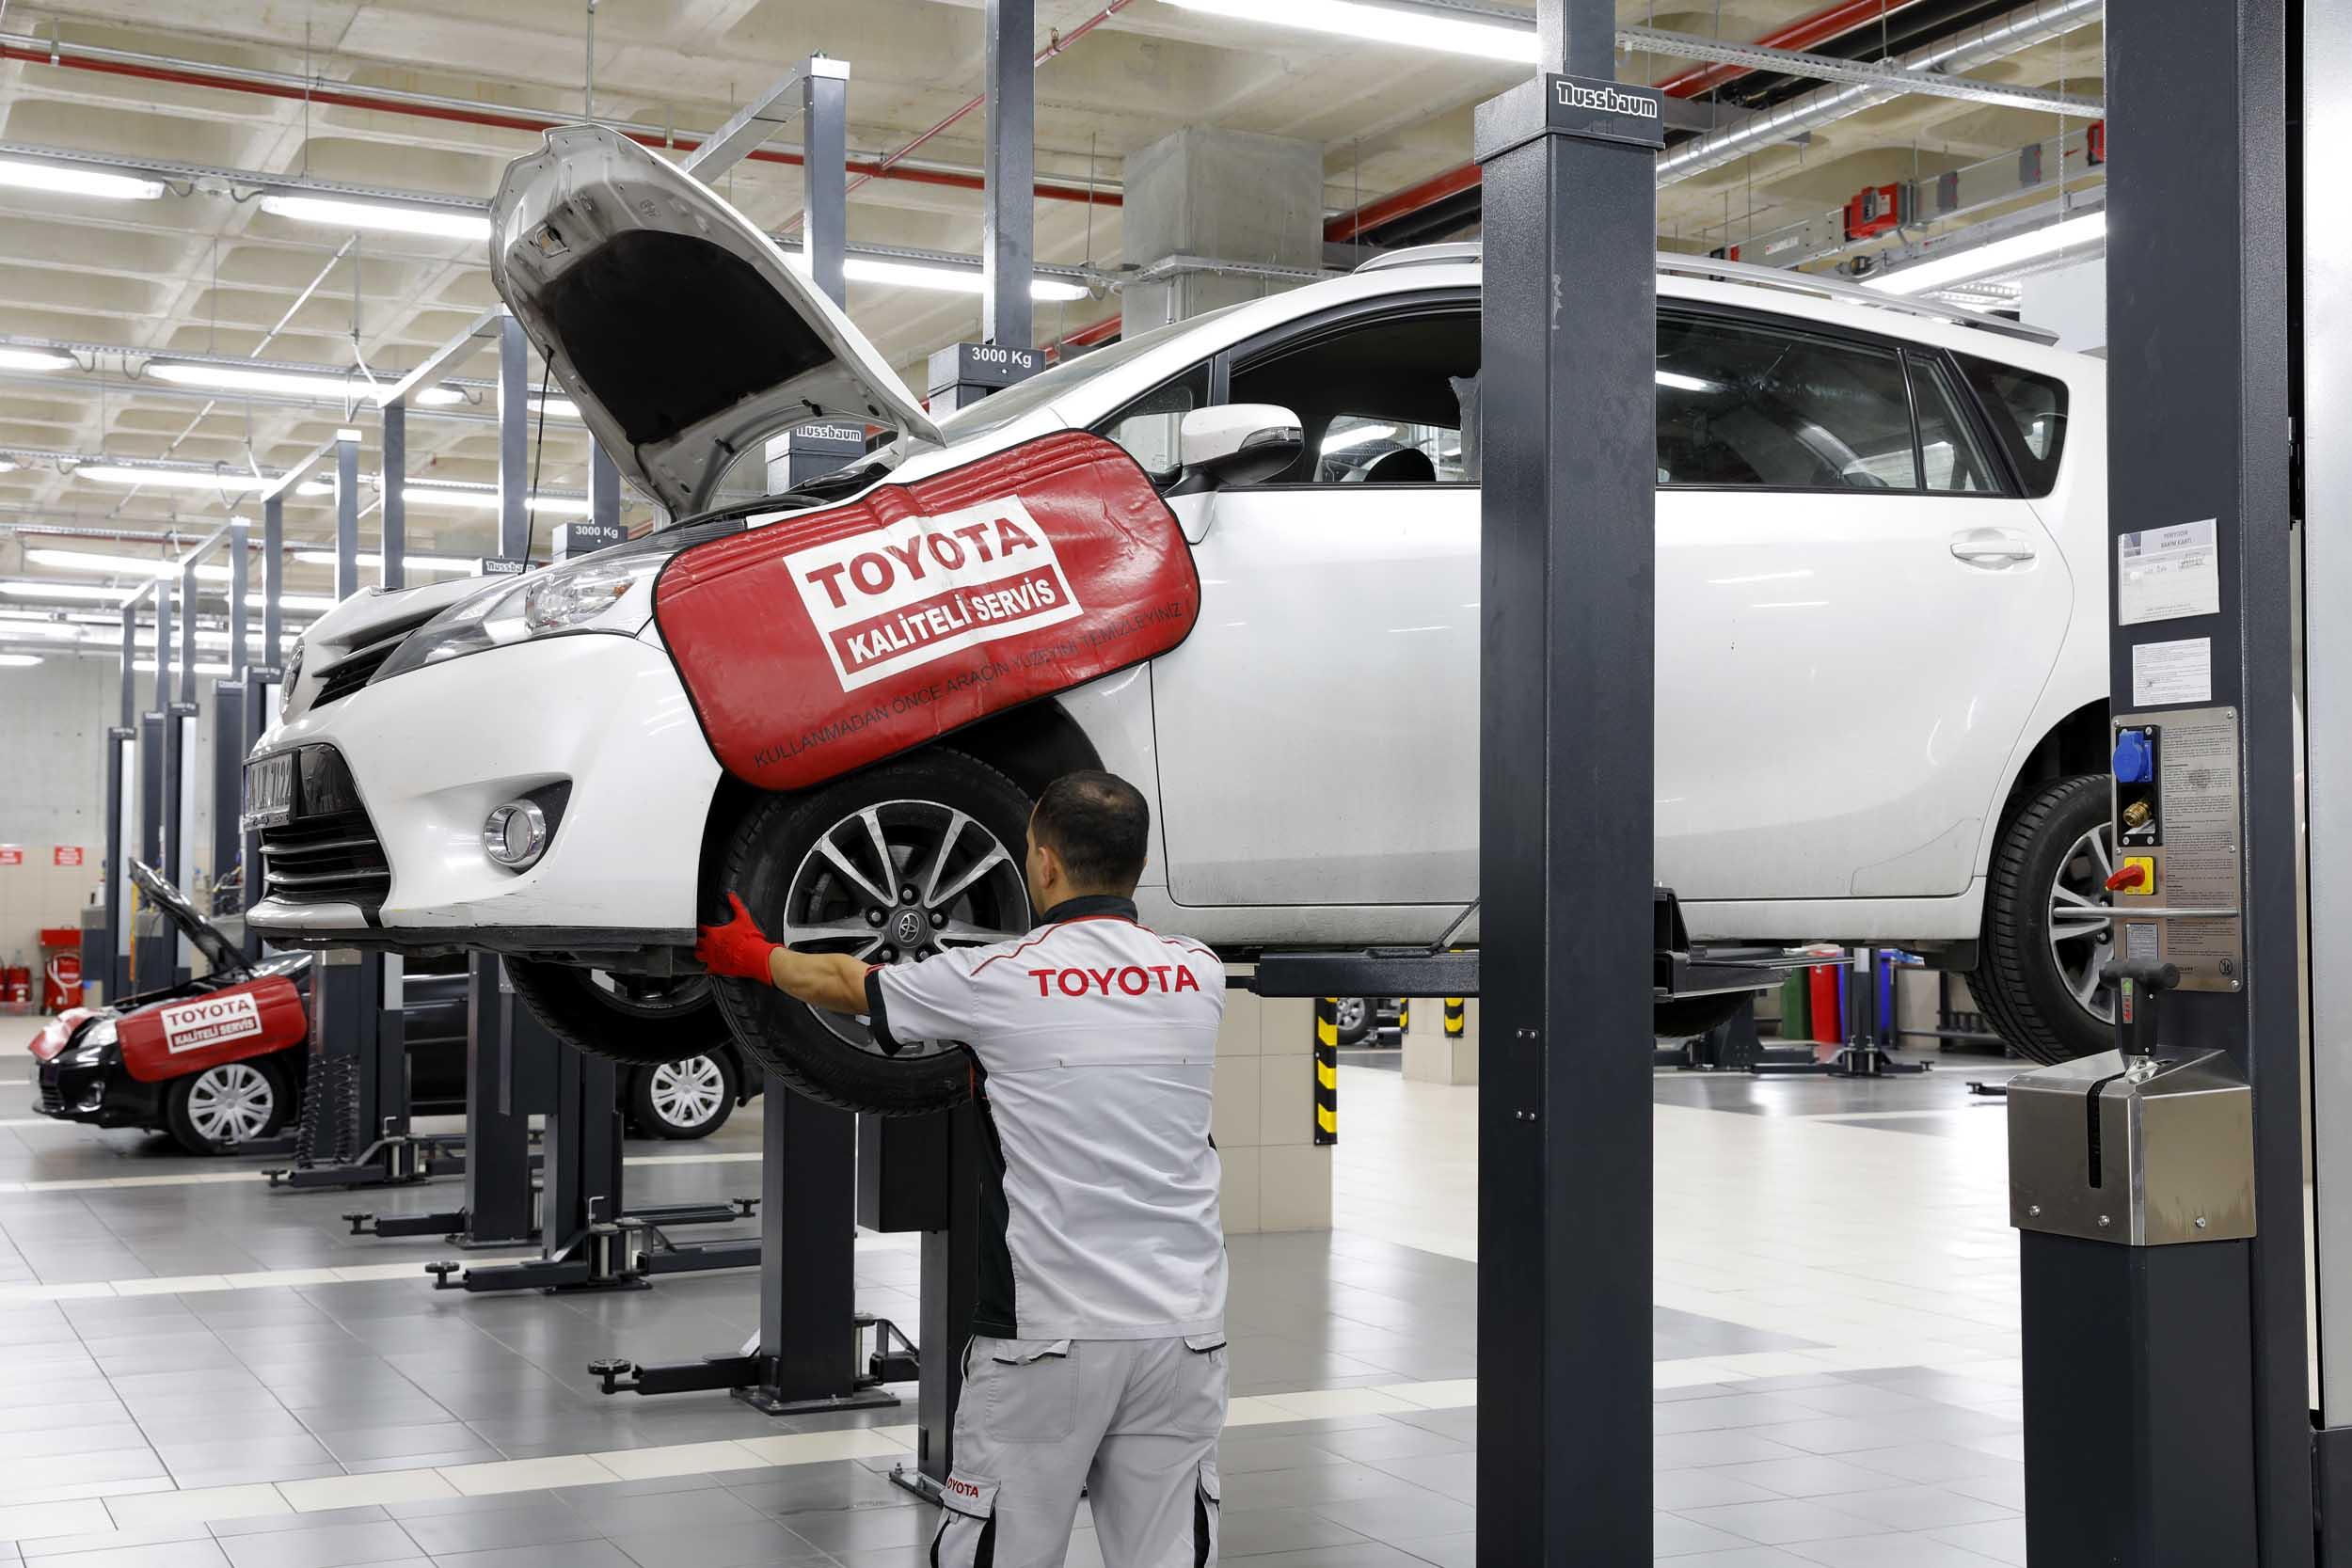 Toyota Servis Kampanyası 2020 Ekim